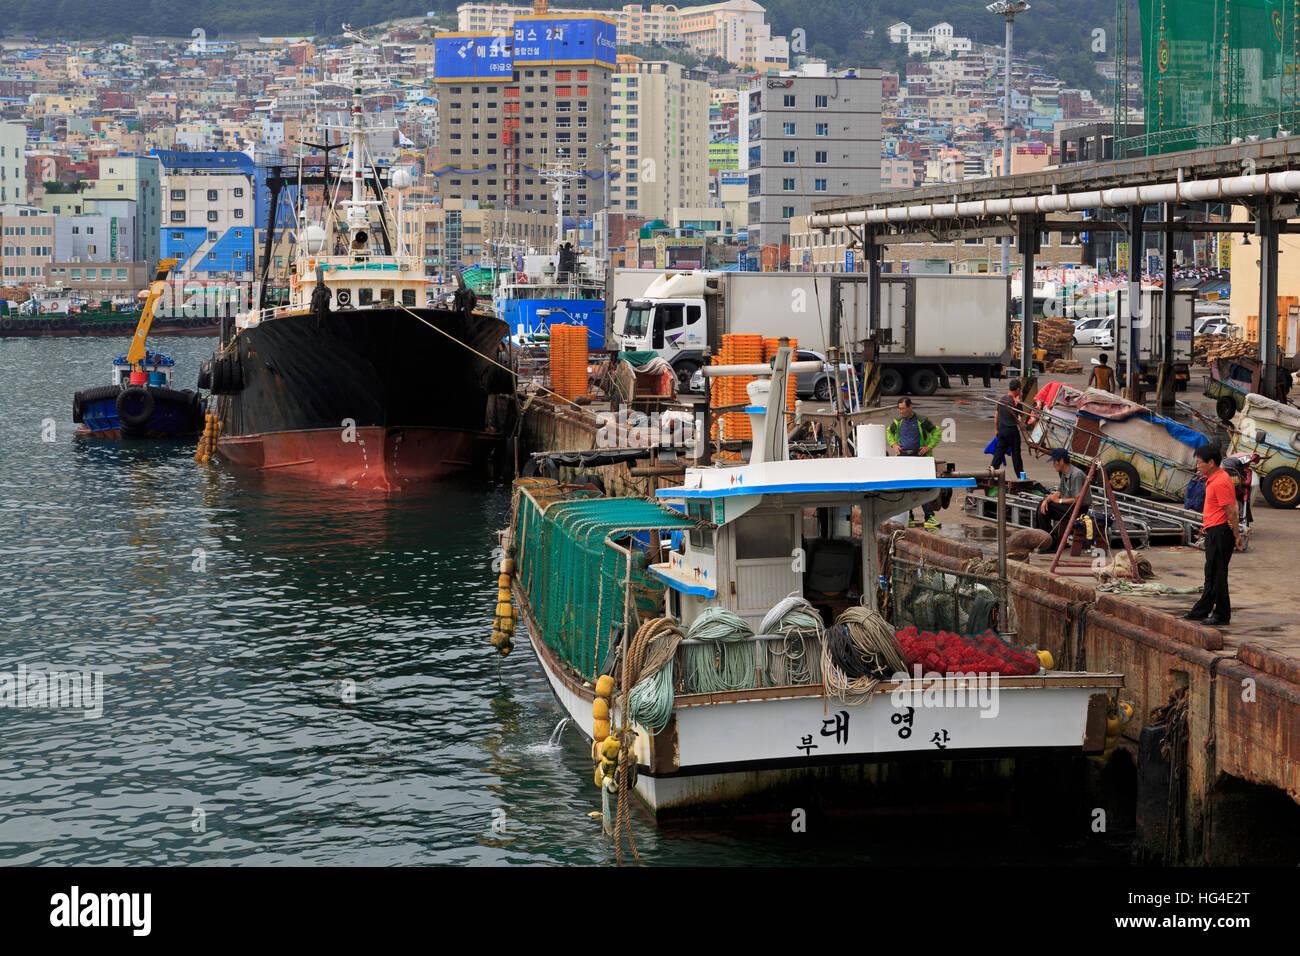 Mercado de Pescado, distrito de Nampo, Busan, Corea del Sur, Asia Foto de stock